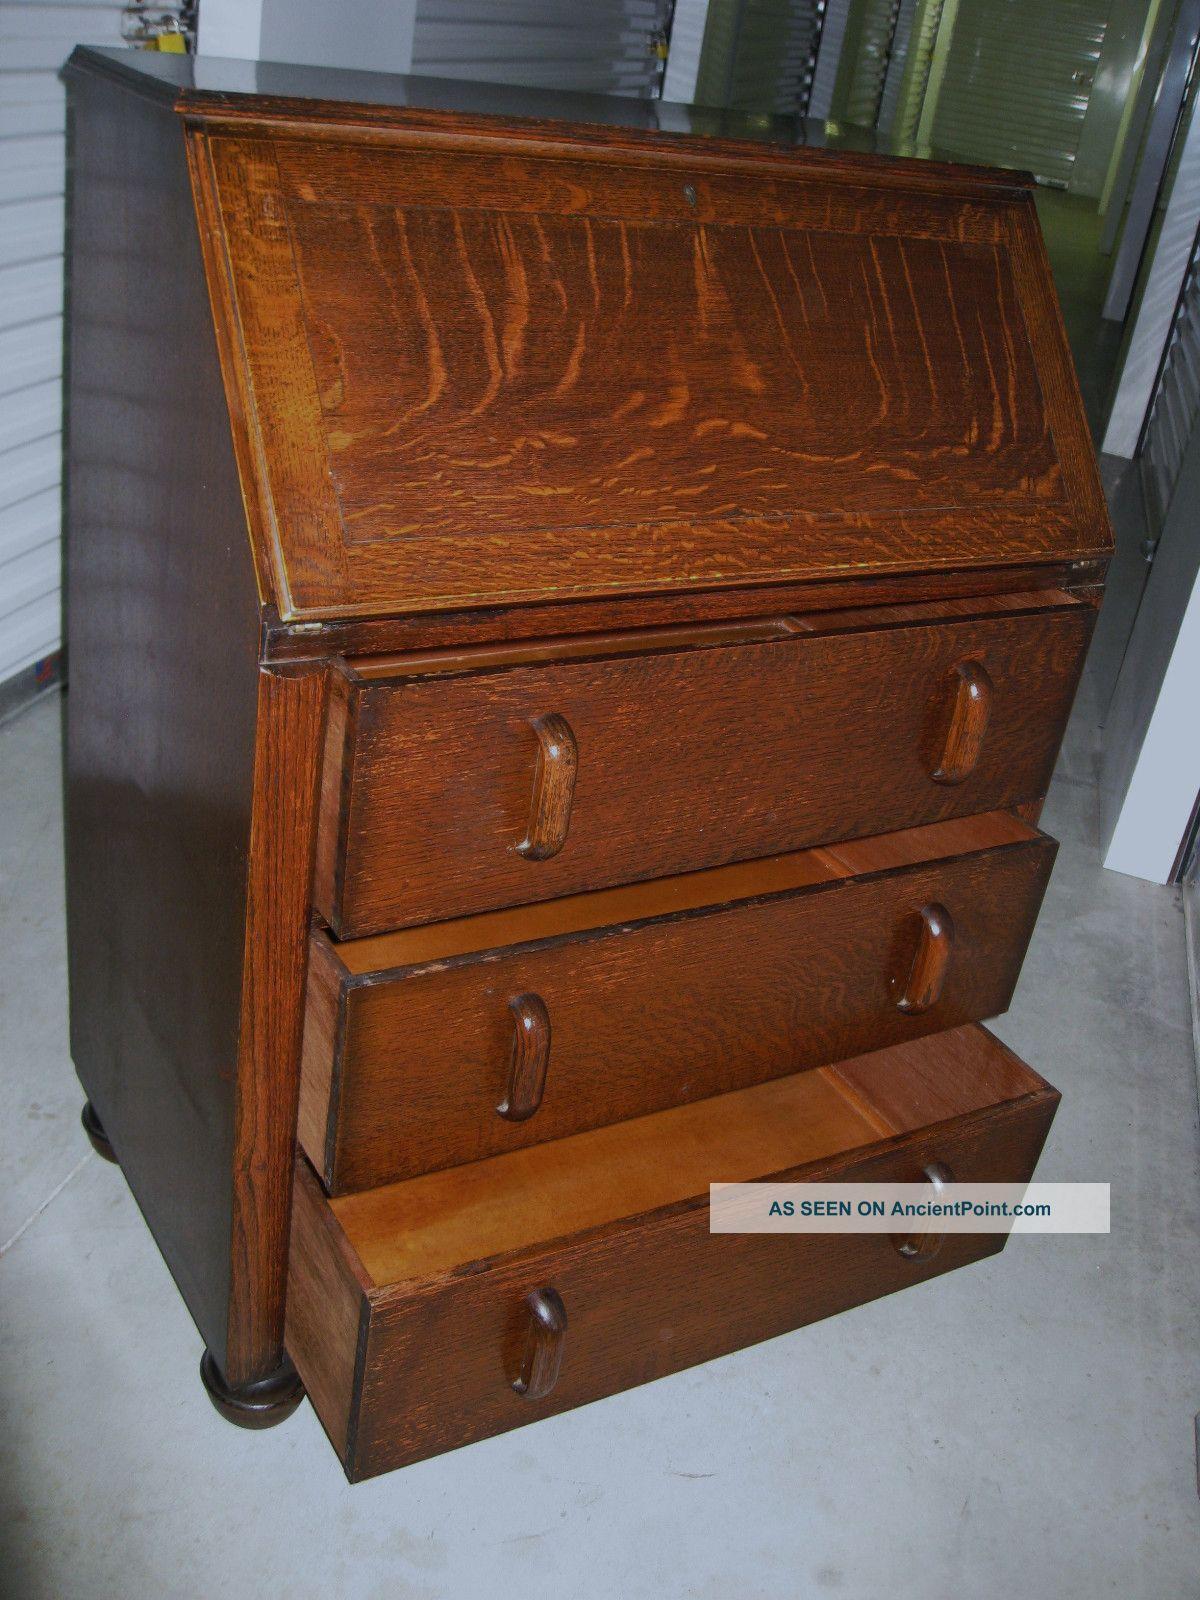 Antique Art Deco Tiger Oak Wood Secretary Bureau Drop Front Desk Cabi - Antique Drop Front Desk - Image Antique And Candle Victimassist.Org